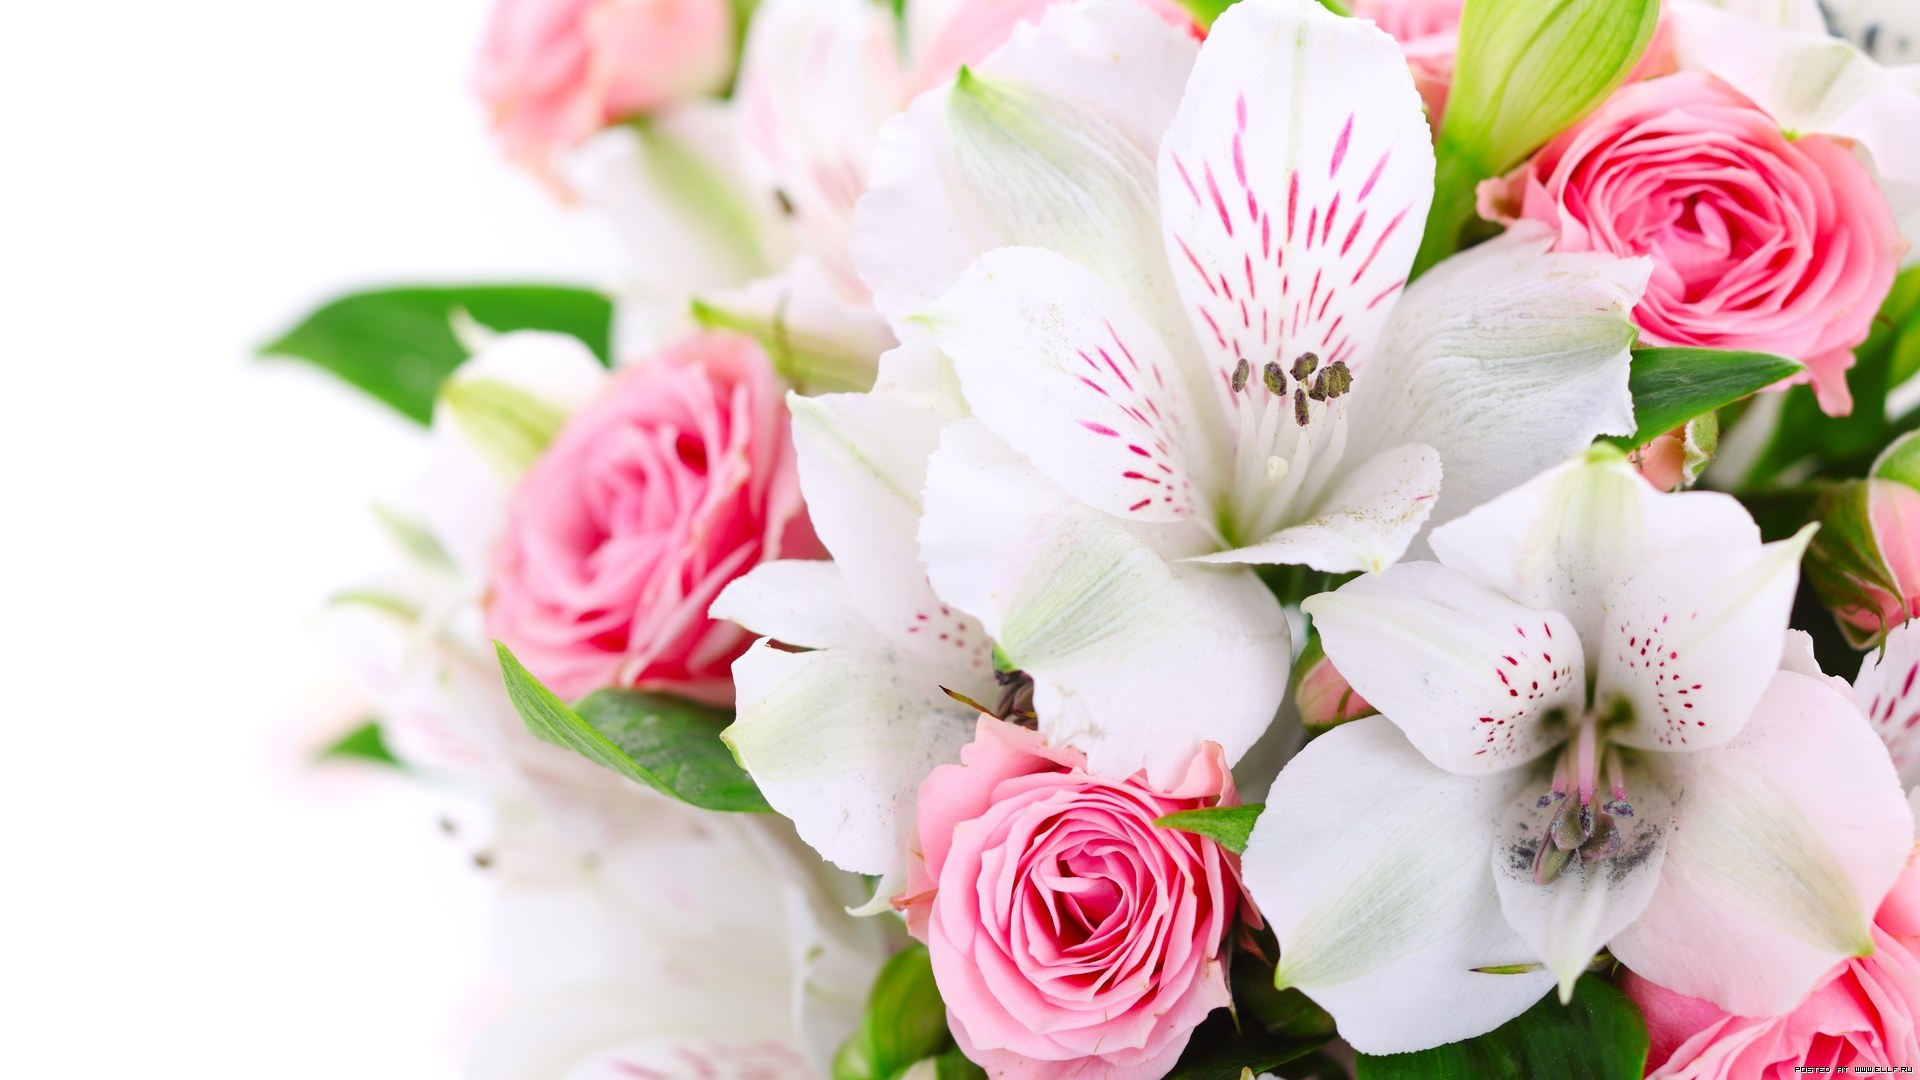 High Resolution Flowers Wallpaper